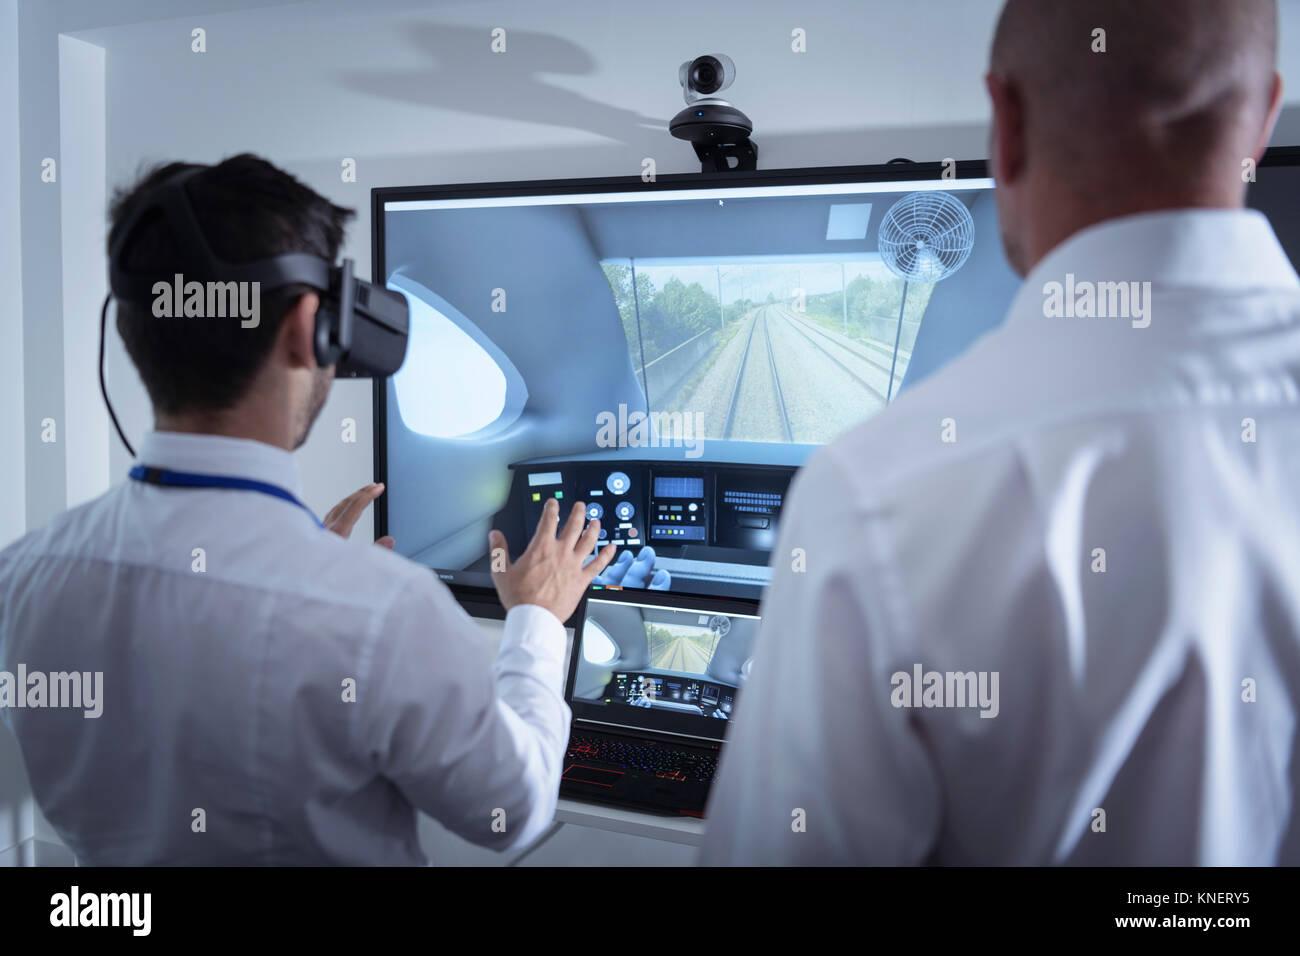 El instructor y el aprendiz mediante sistema de Realidad Virtual en instalaciones de ingeniería ferroviaria Imagen De Stock